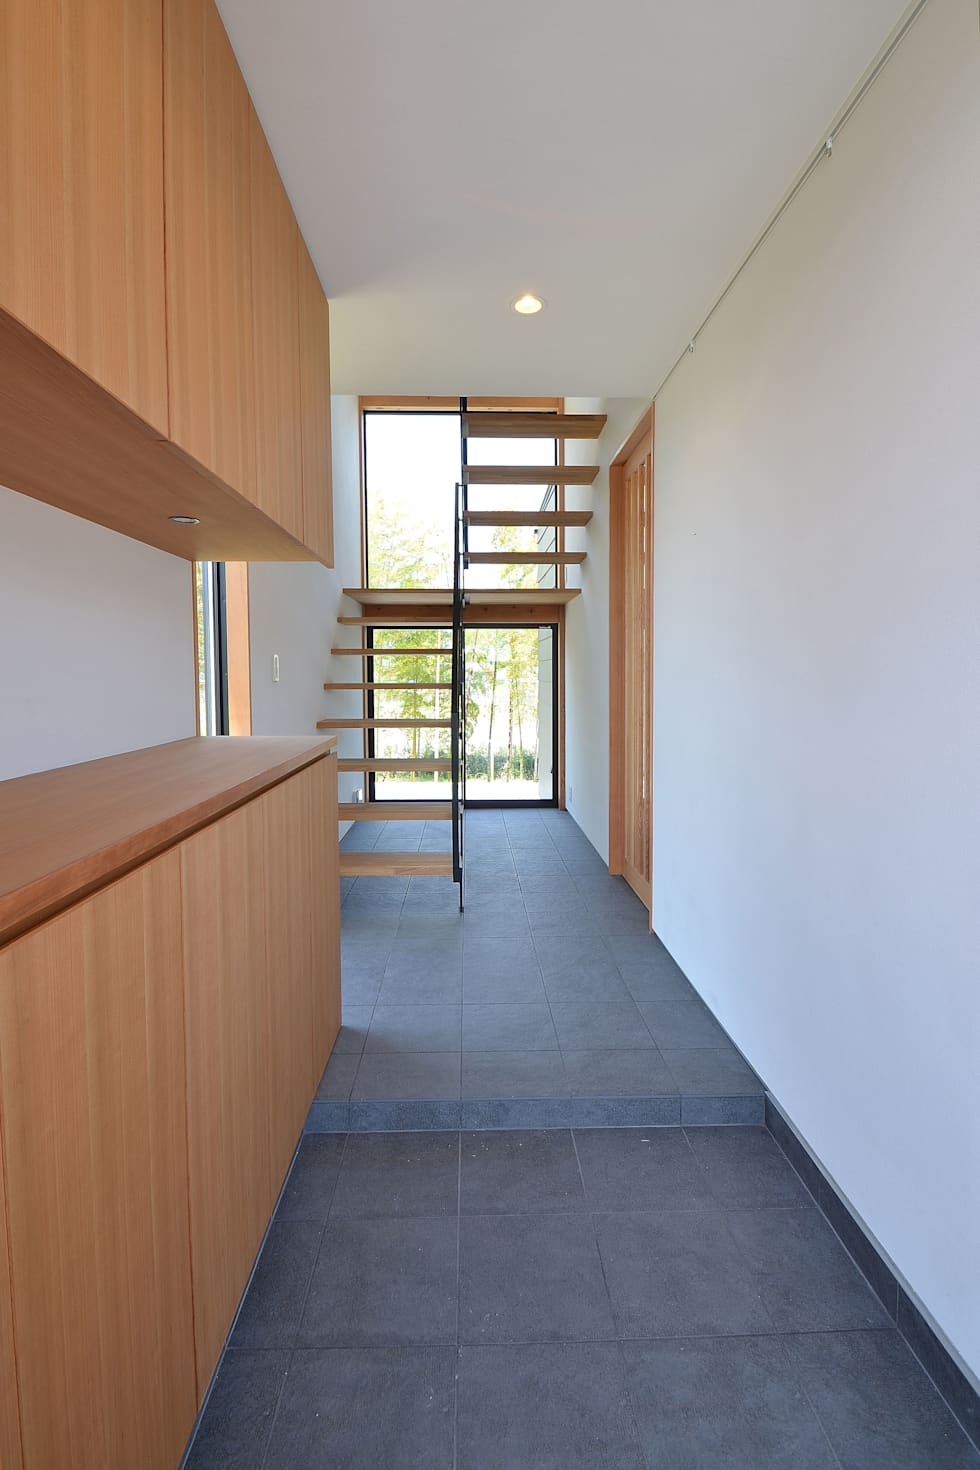 玄関: TEKTON | テクトン建築設計事務所が手掛けた廊下 & 玄関です。